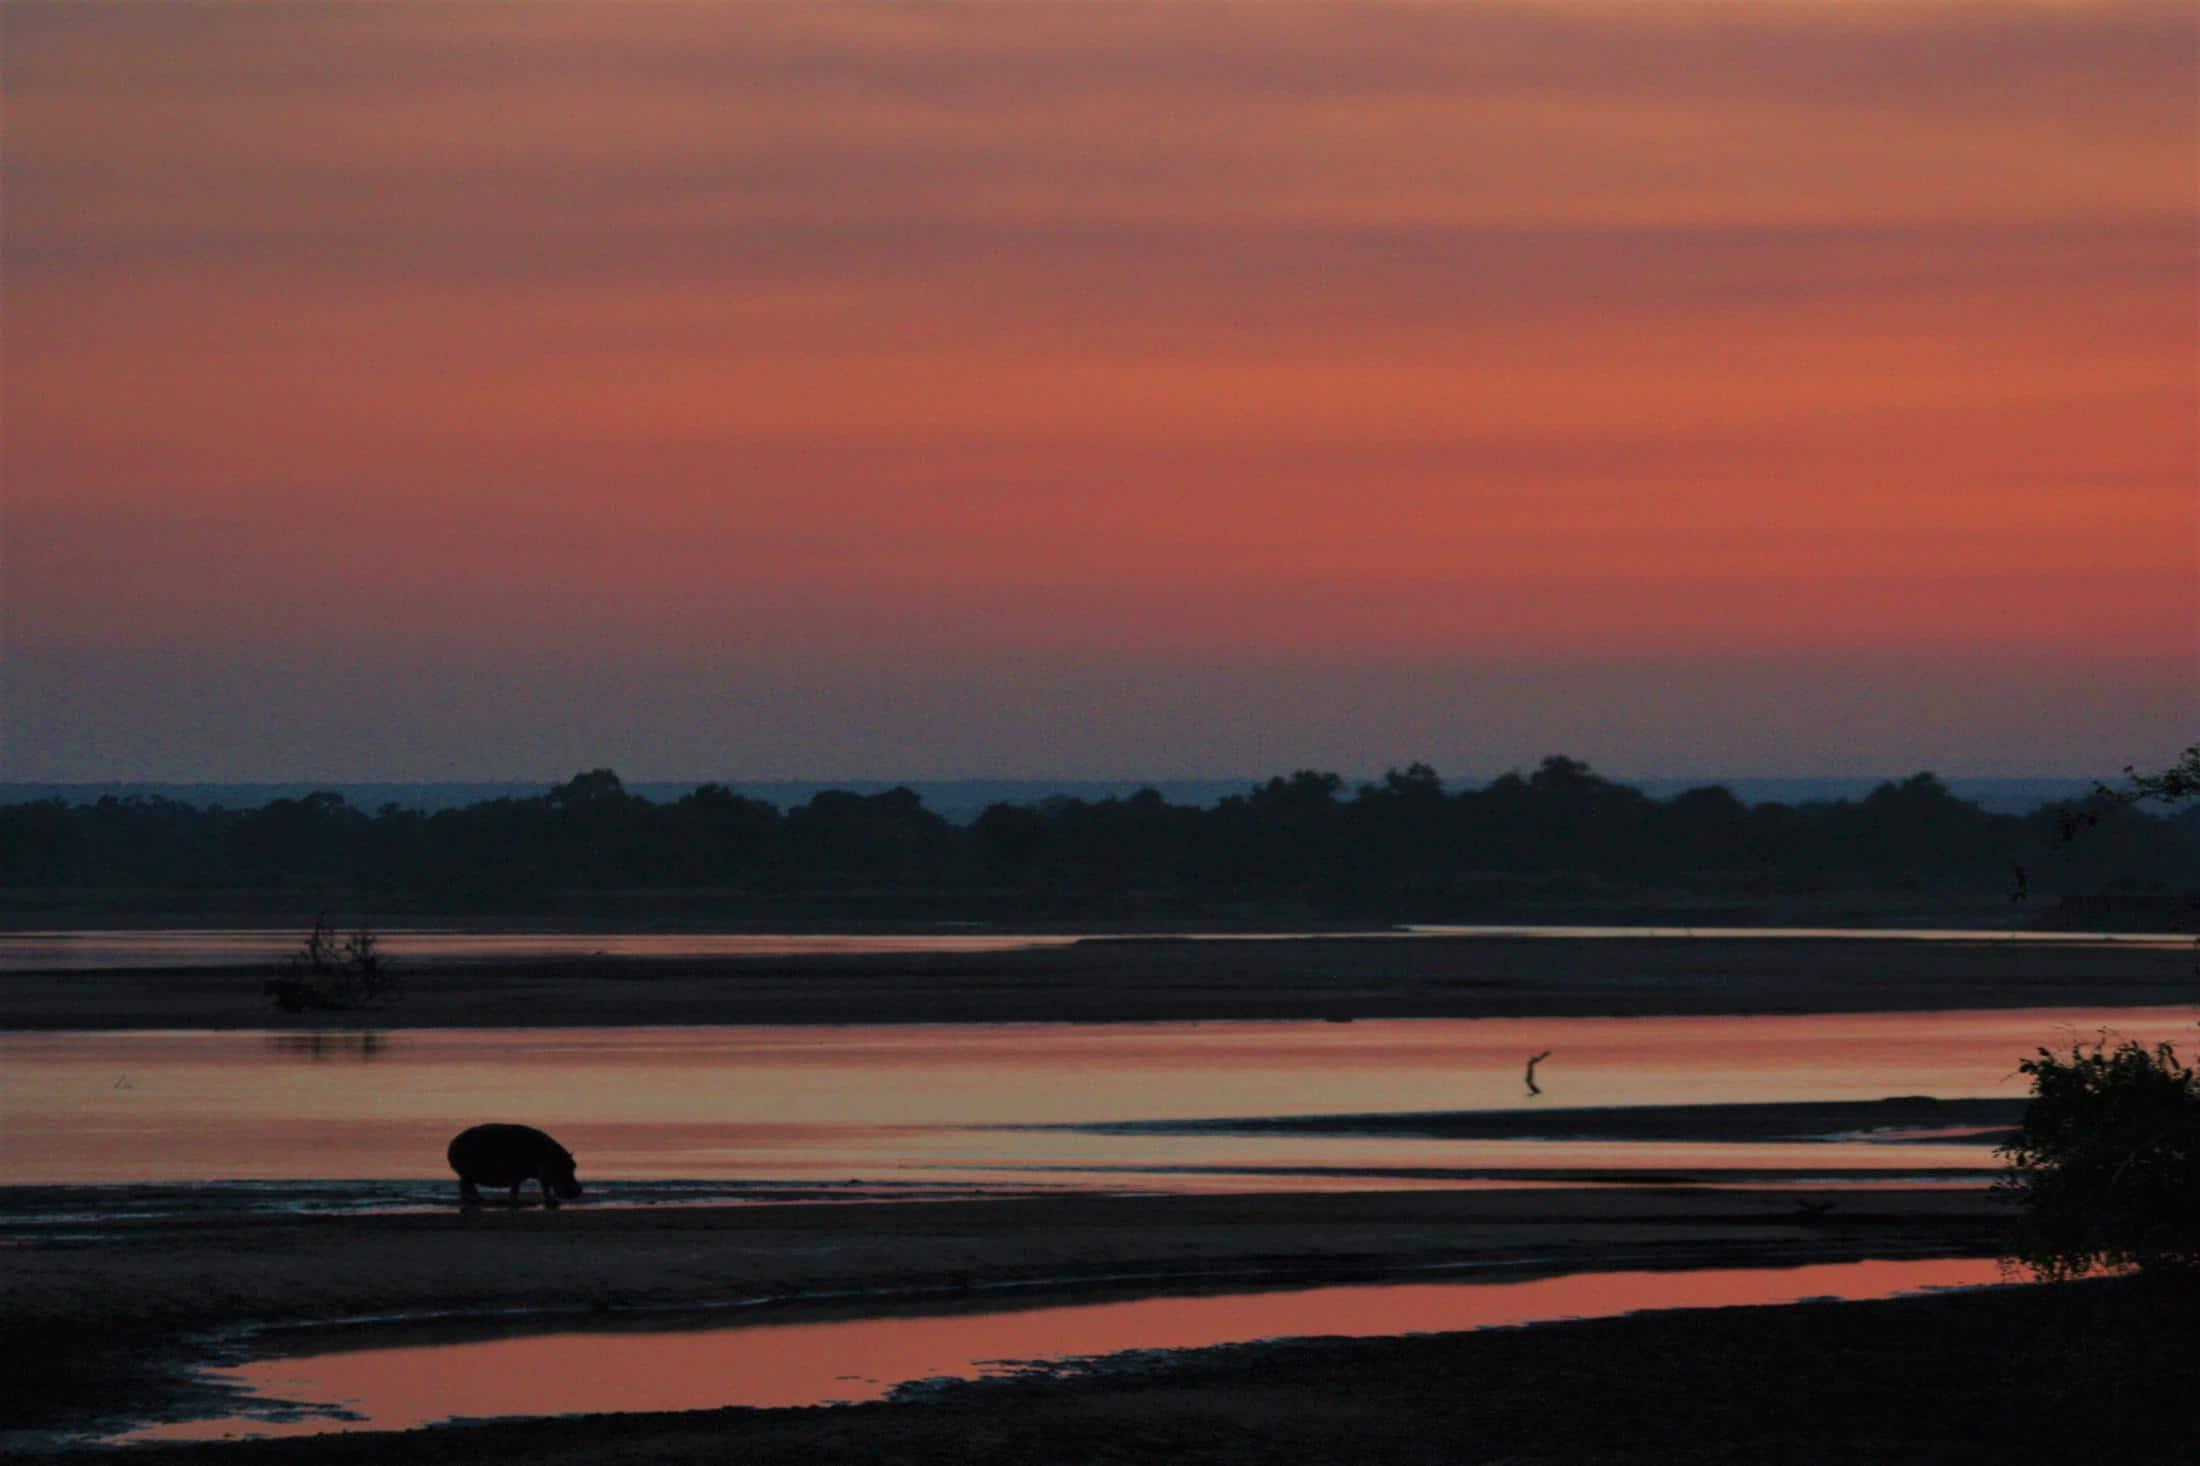 Safari & Natuur reizen Afrika - Nijlpaard bij zonsondergang in het ongerepte South Luangwa National Park in Zambia